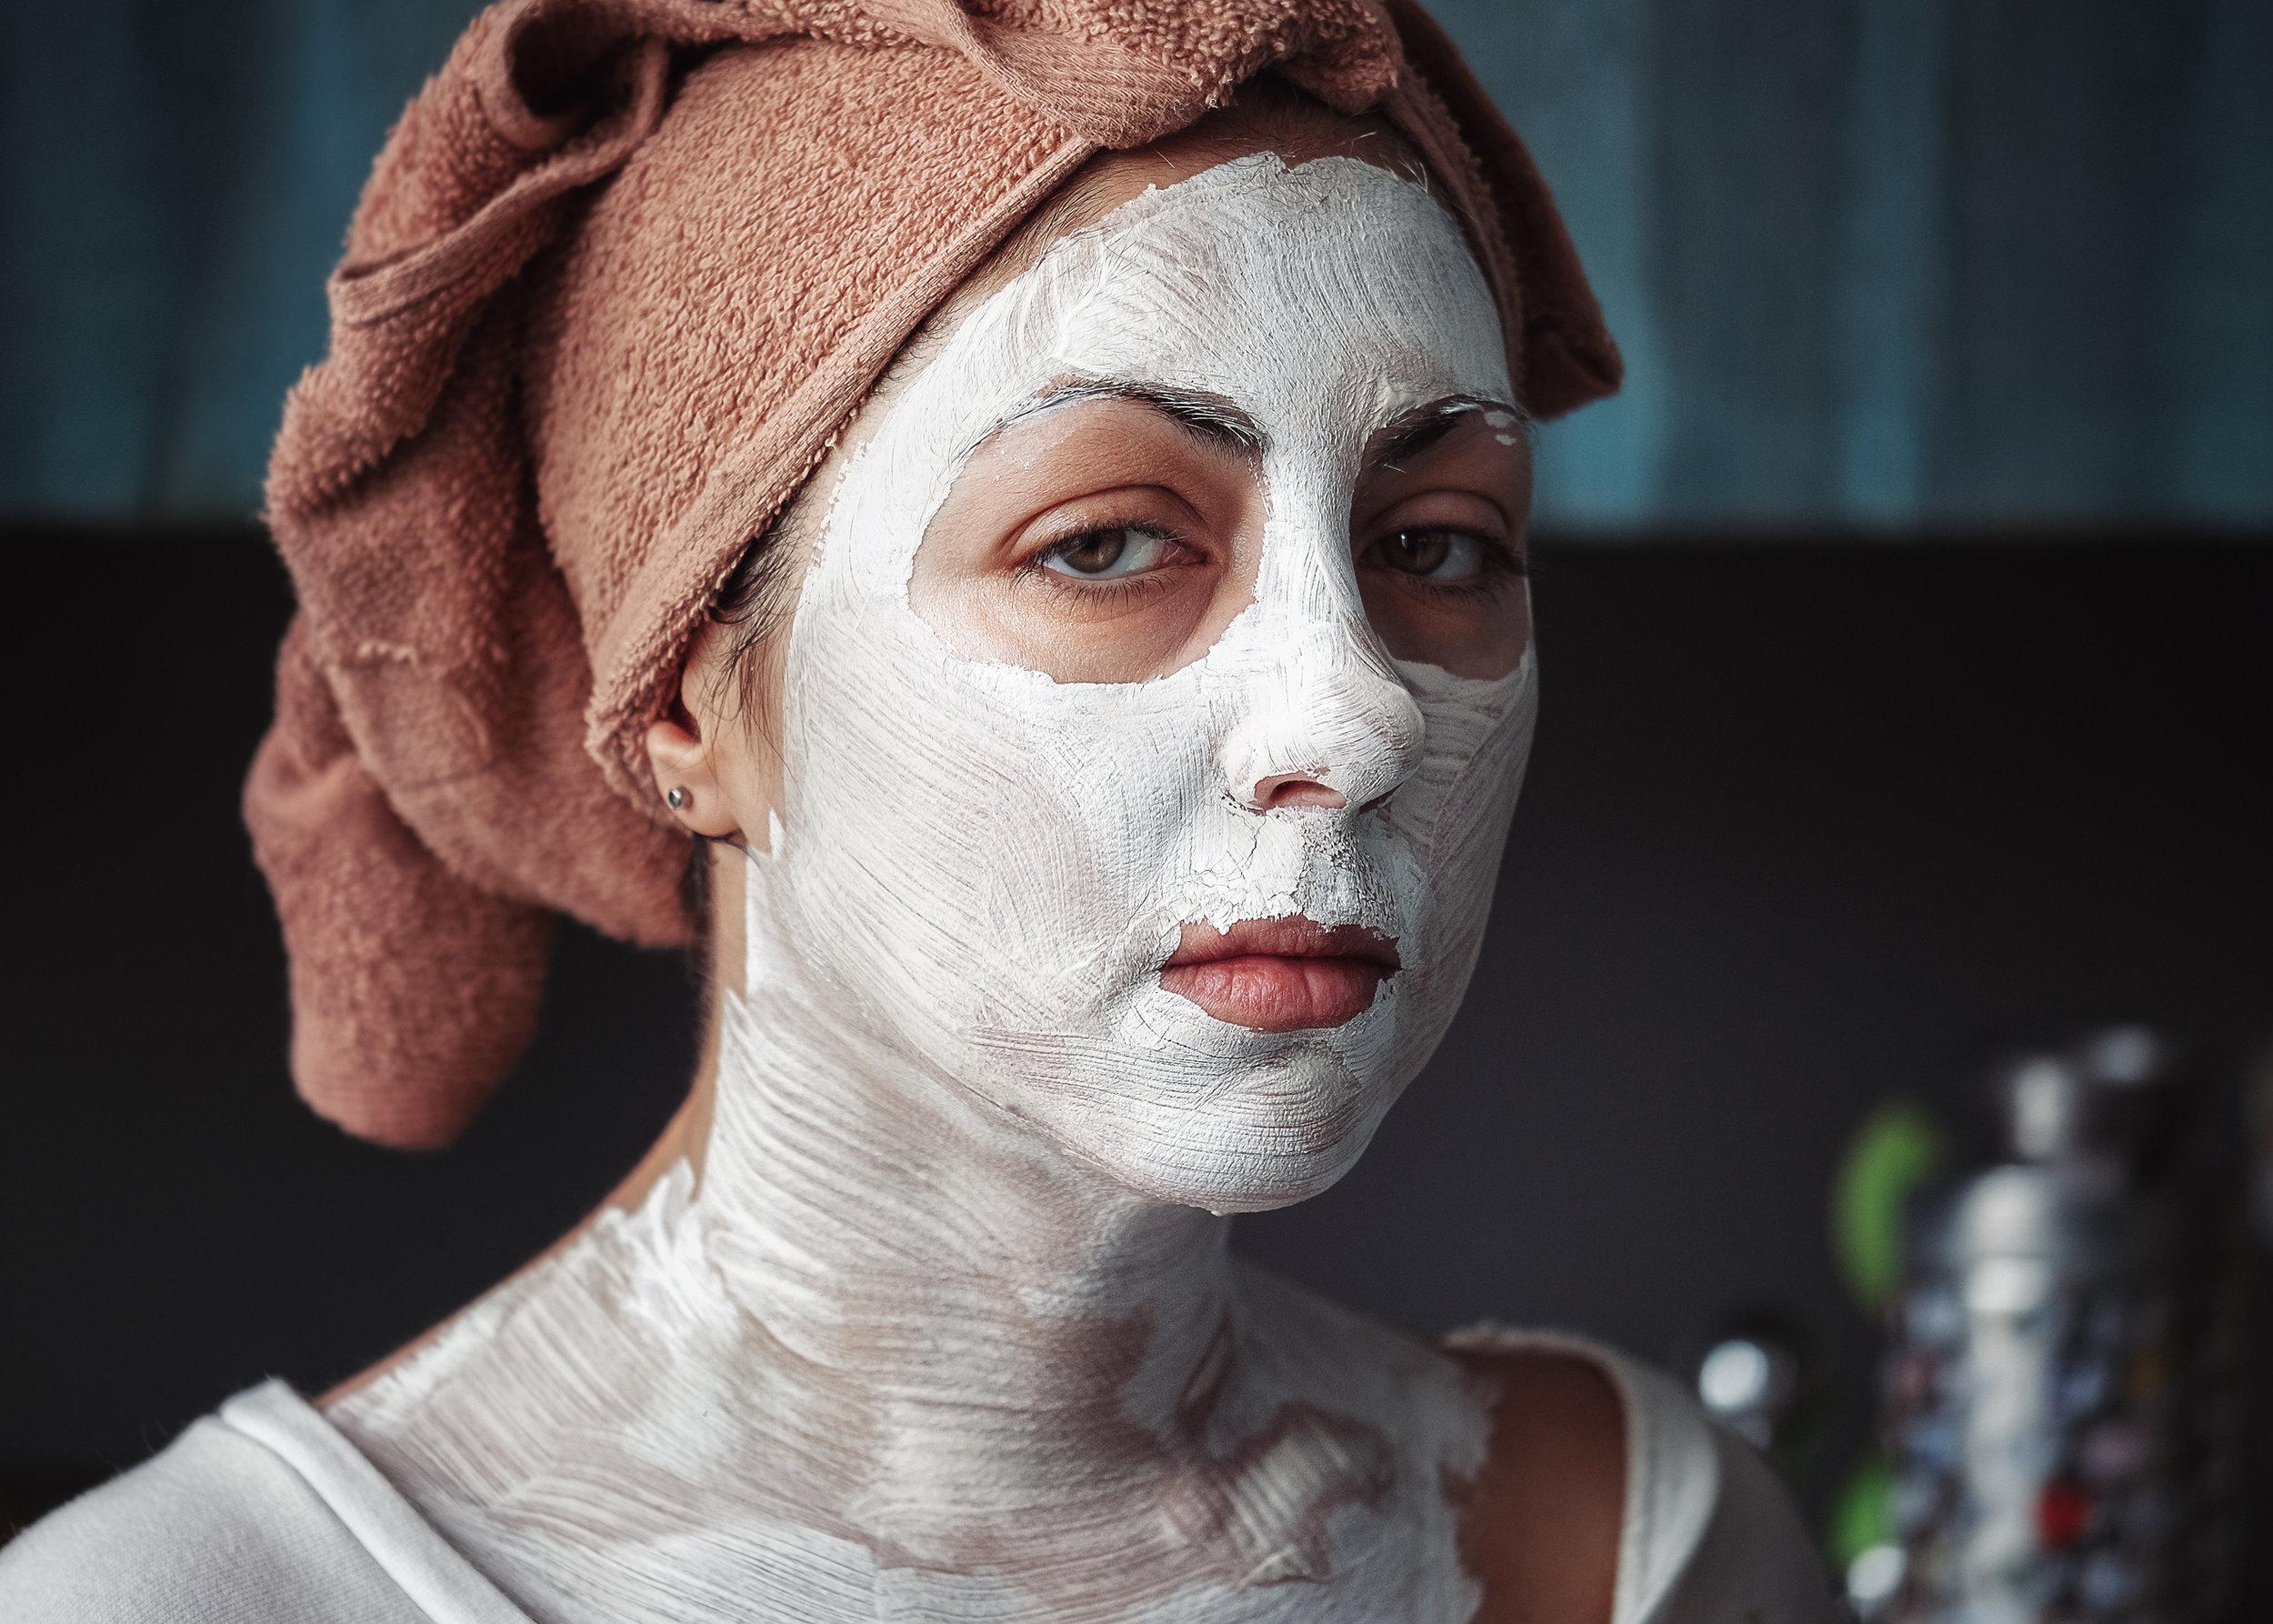 DIY facial masks